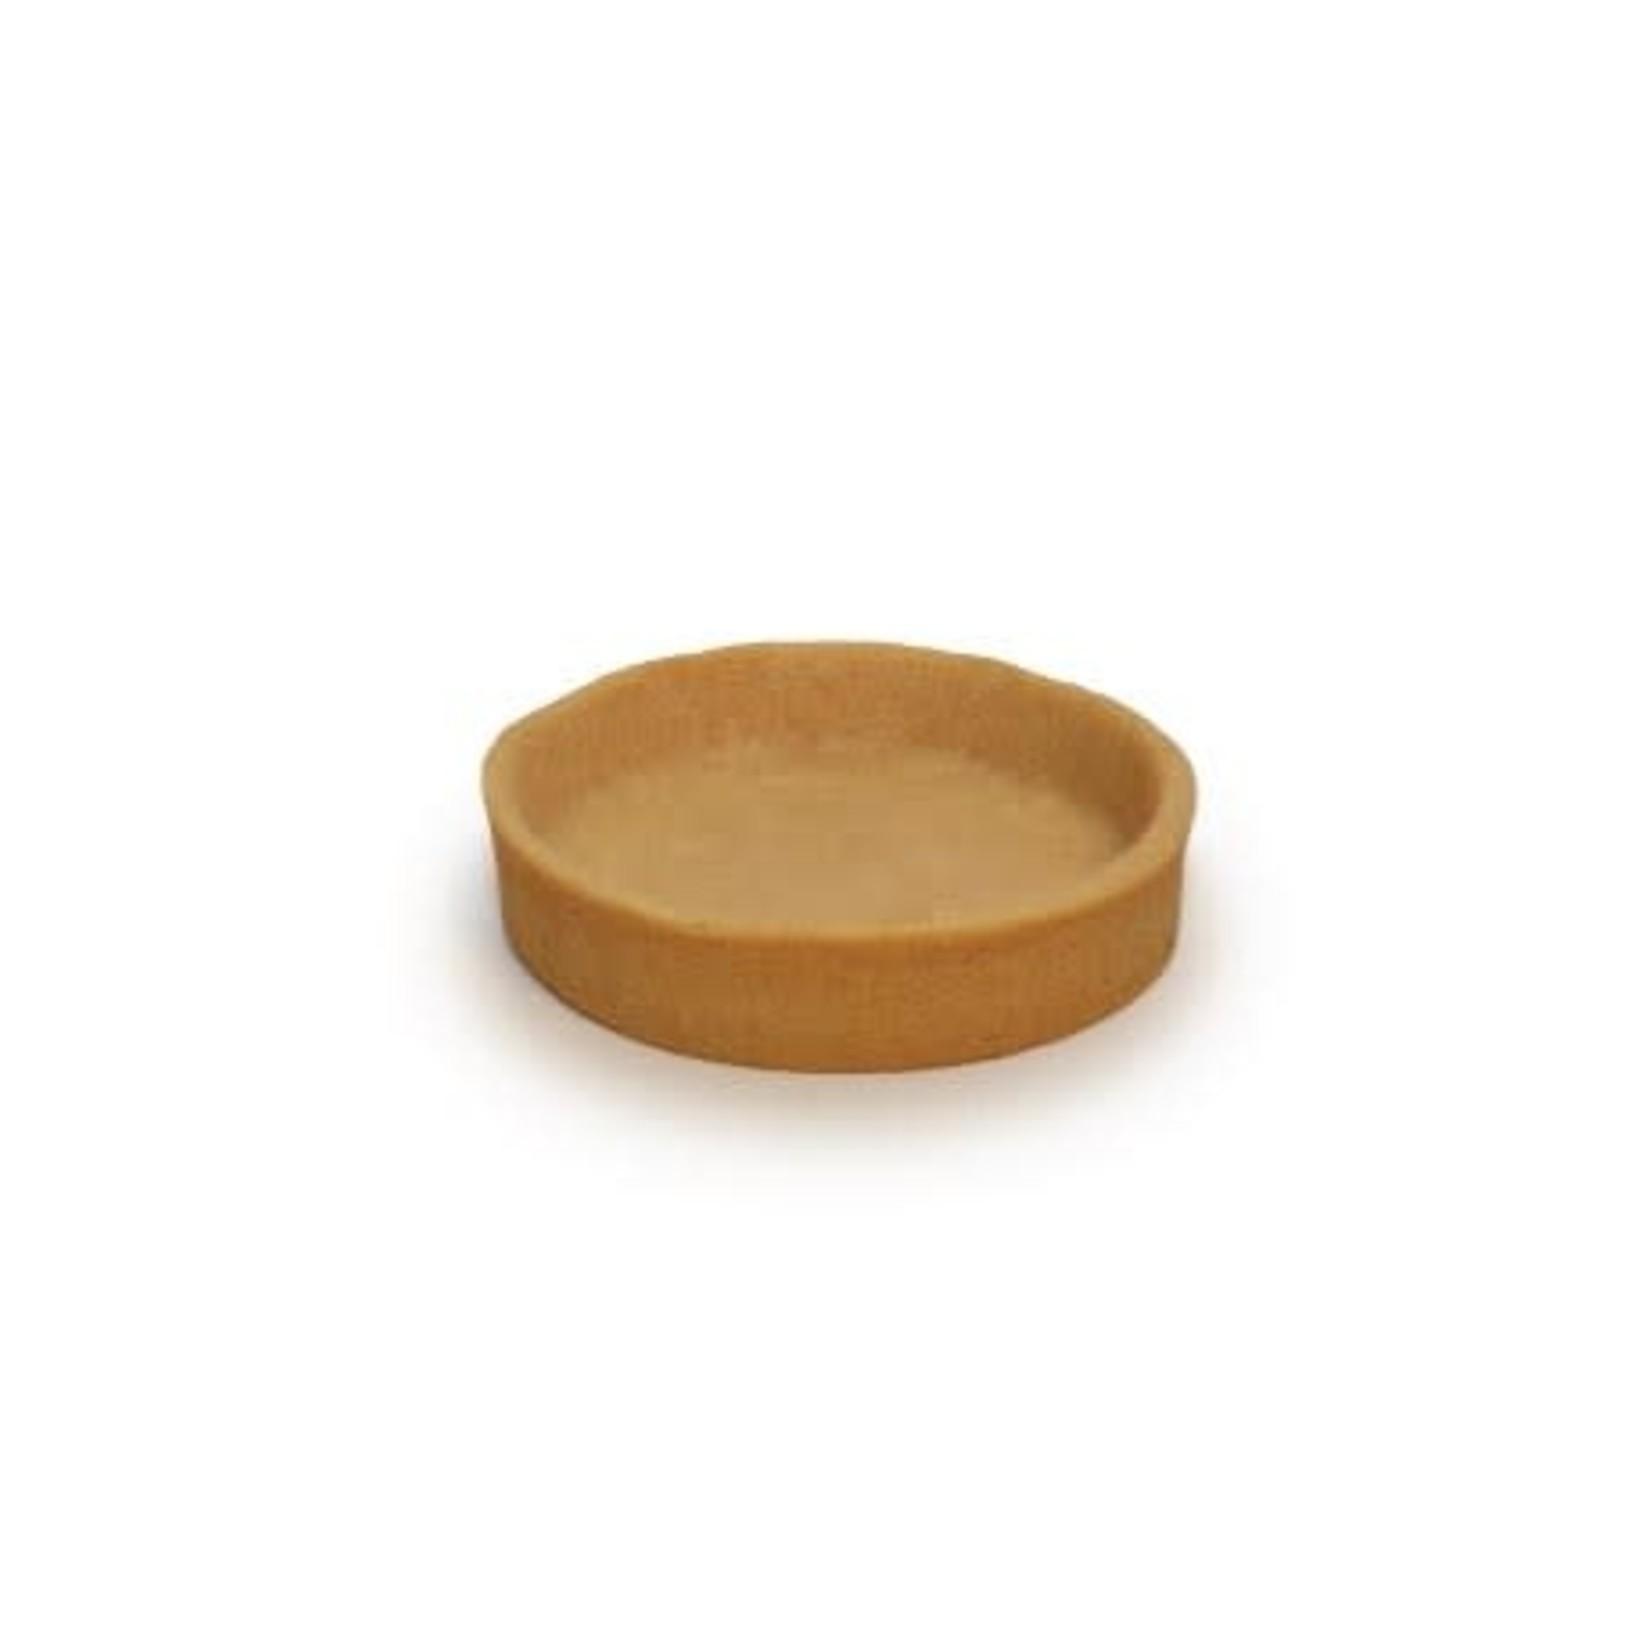 Pidy Pidy - Tart shell, Vegan Sweet round - 3.2'' (96ct), 307.41.096US